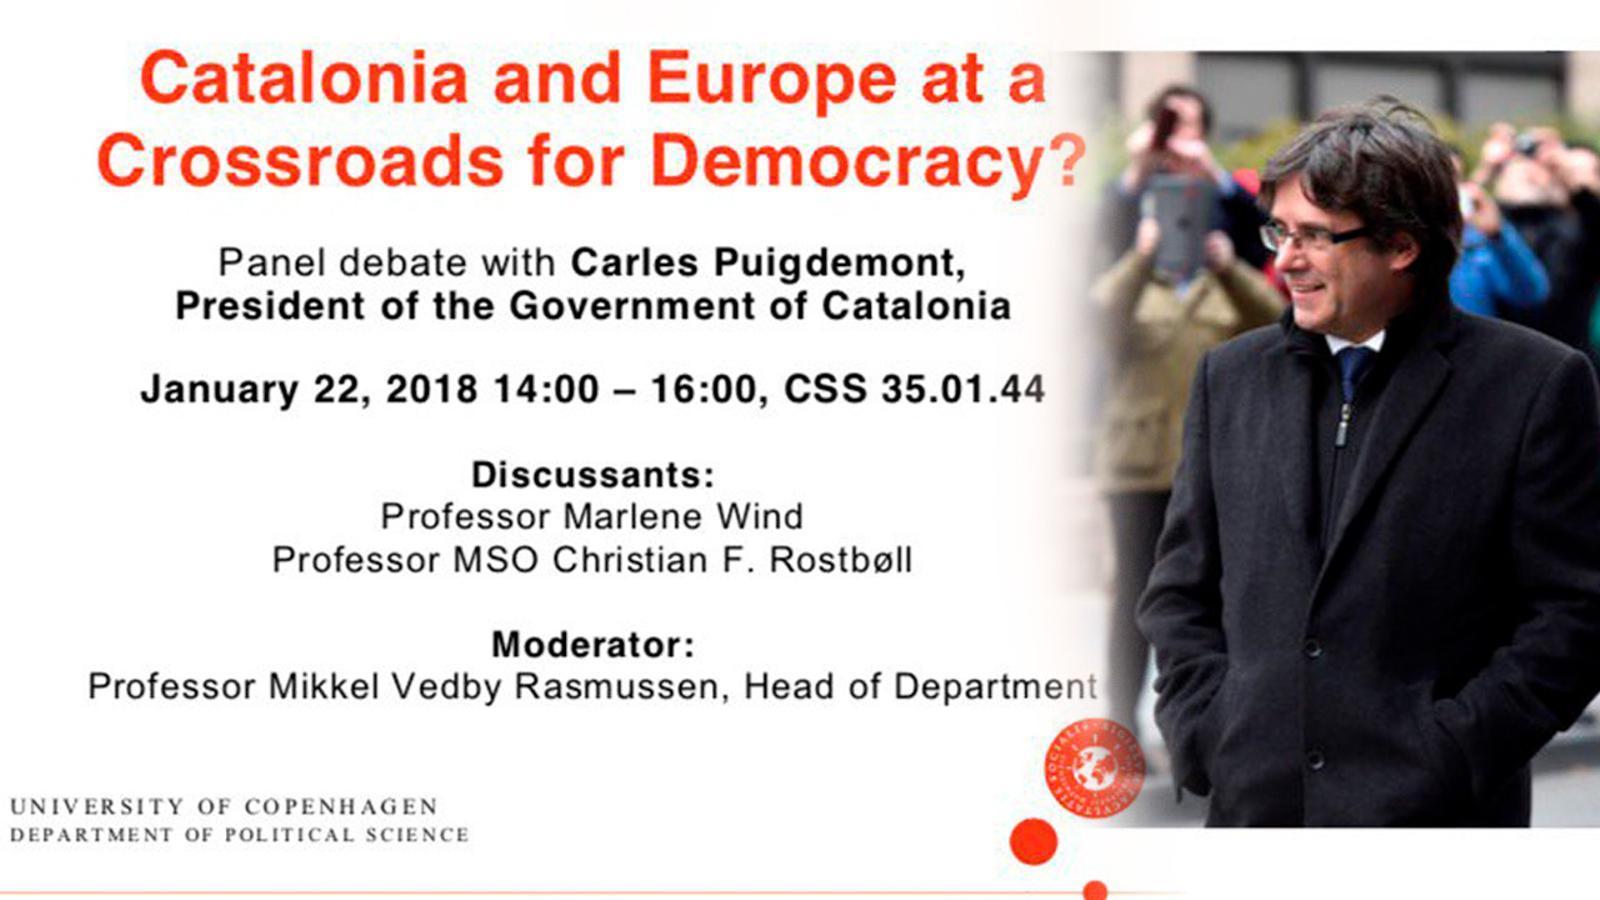 L'anàlisi d'Antoni Bassas: 'Puigdemont porta la iniciativa'